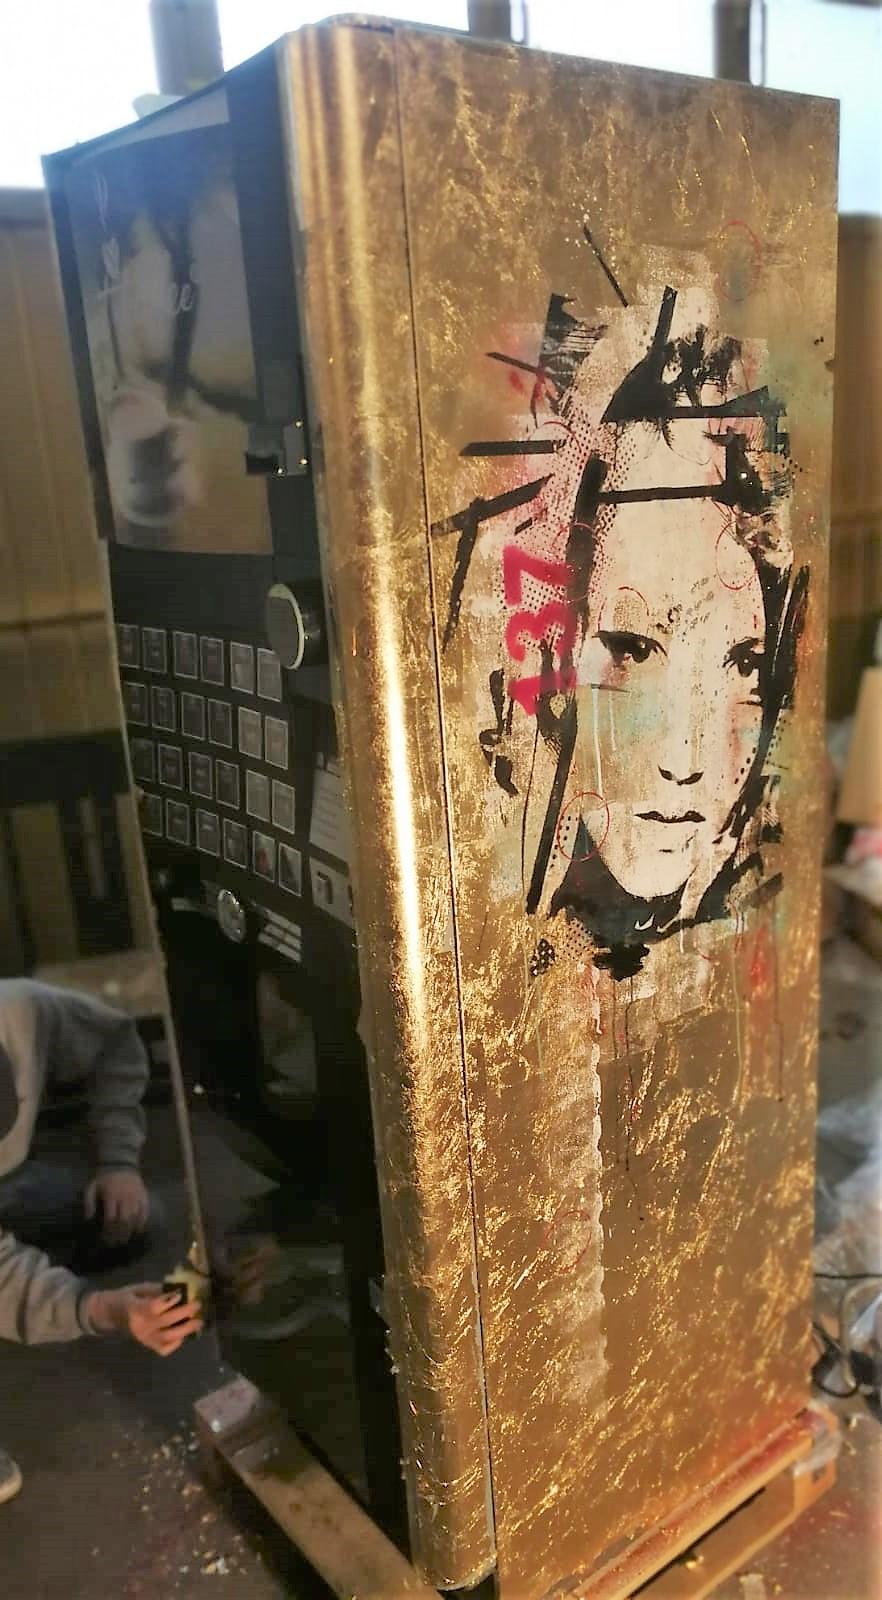 Kunstautomat Lux - gold leaf